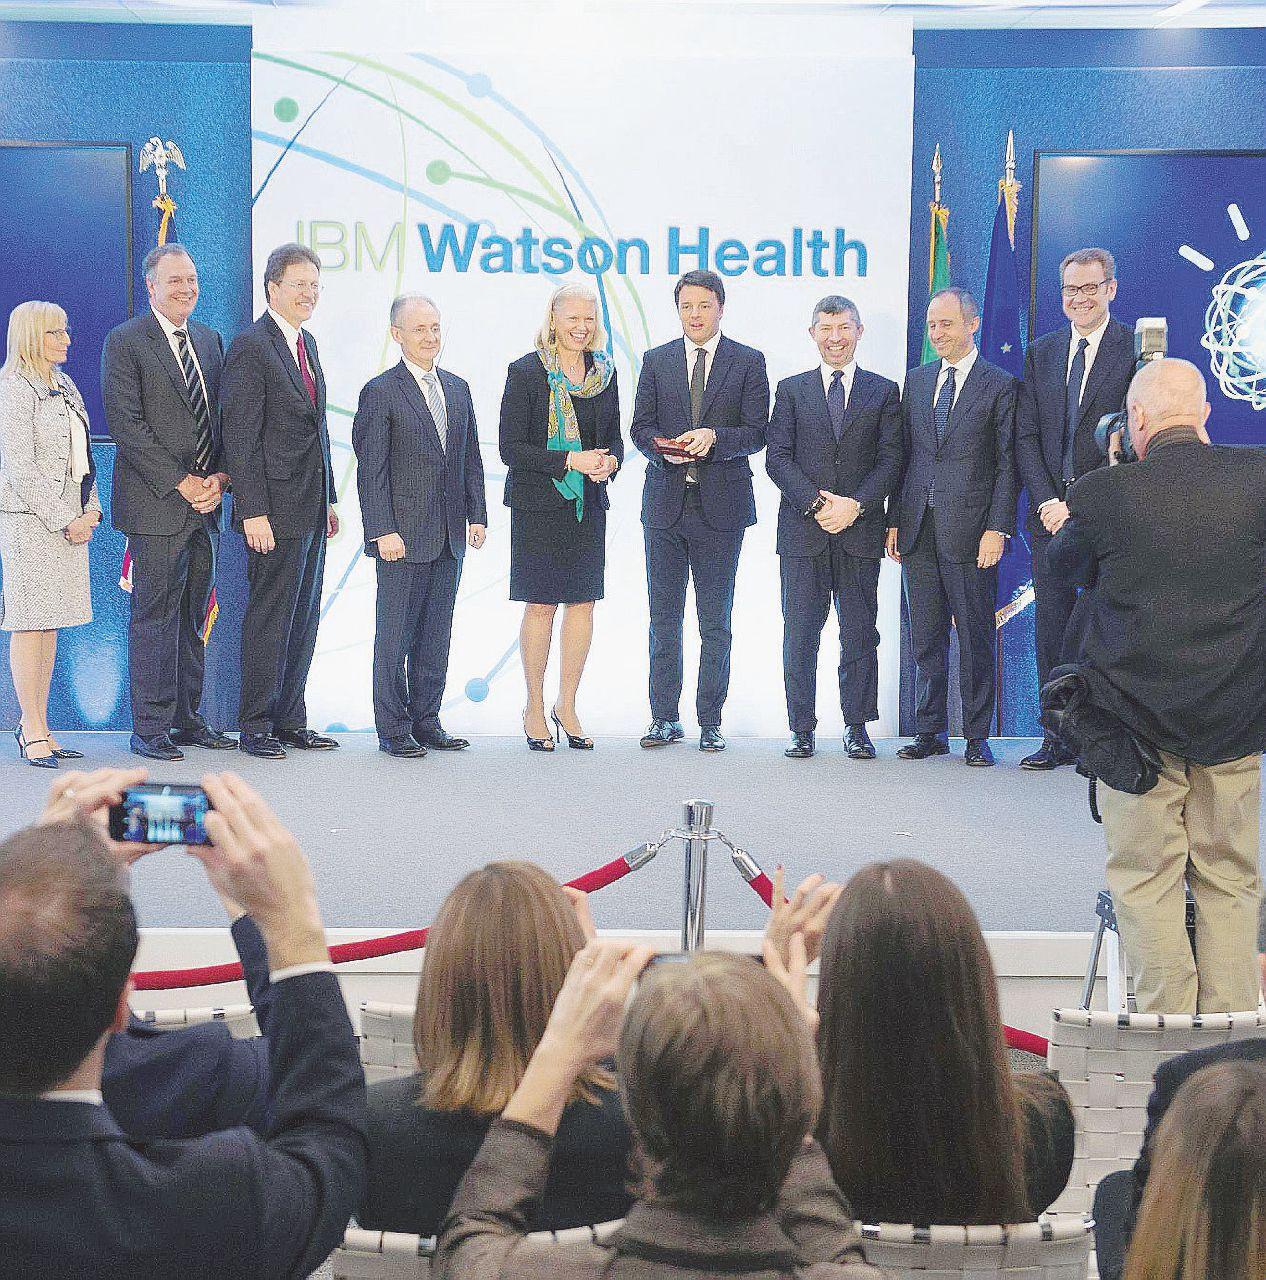 Ibm, nuova sede nelle aree Expo in cambio dei nostri dati sanitari